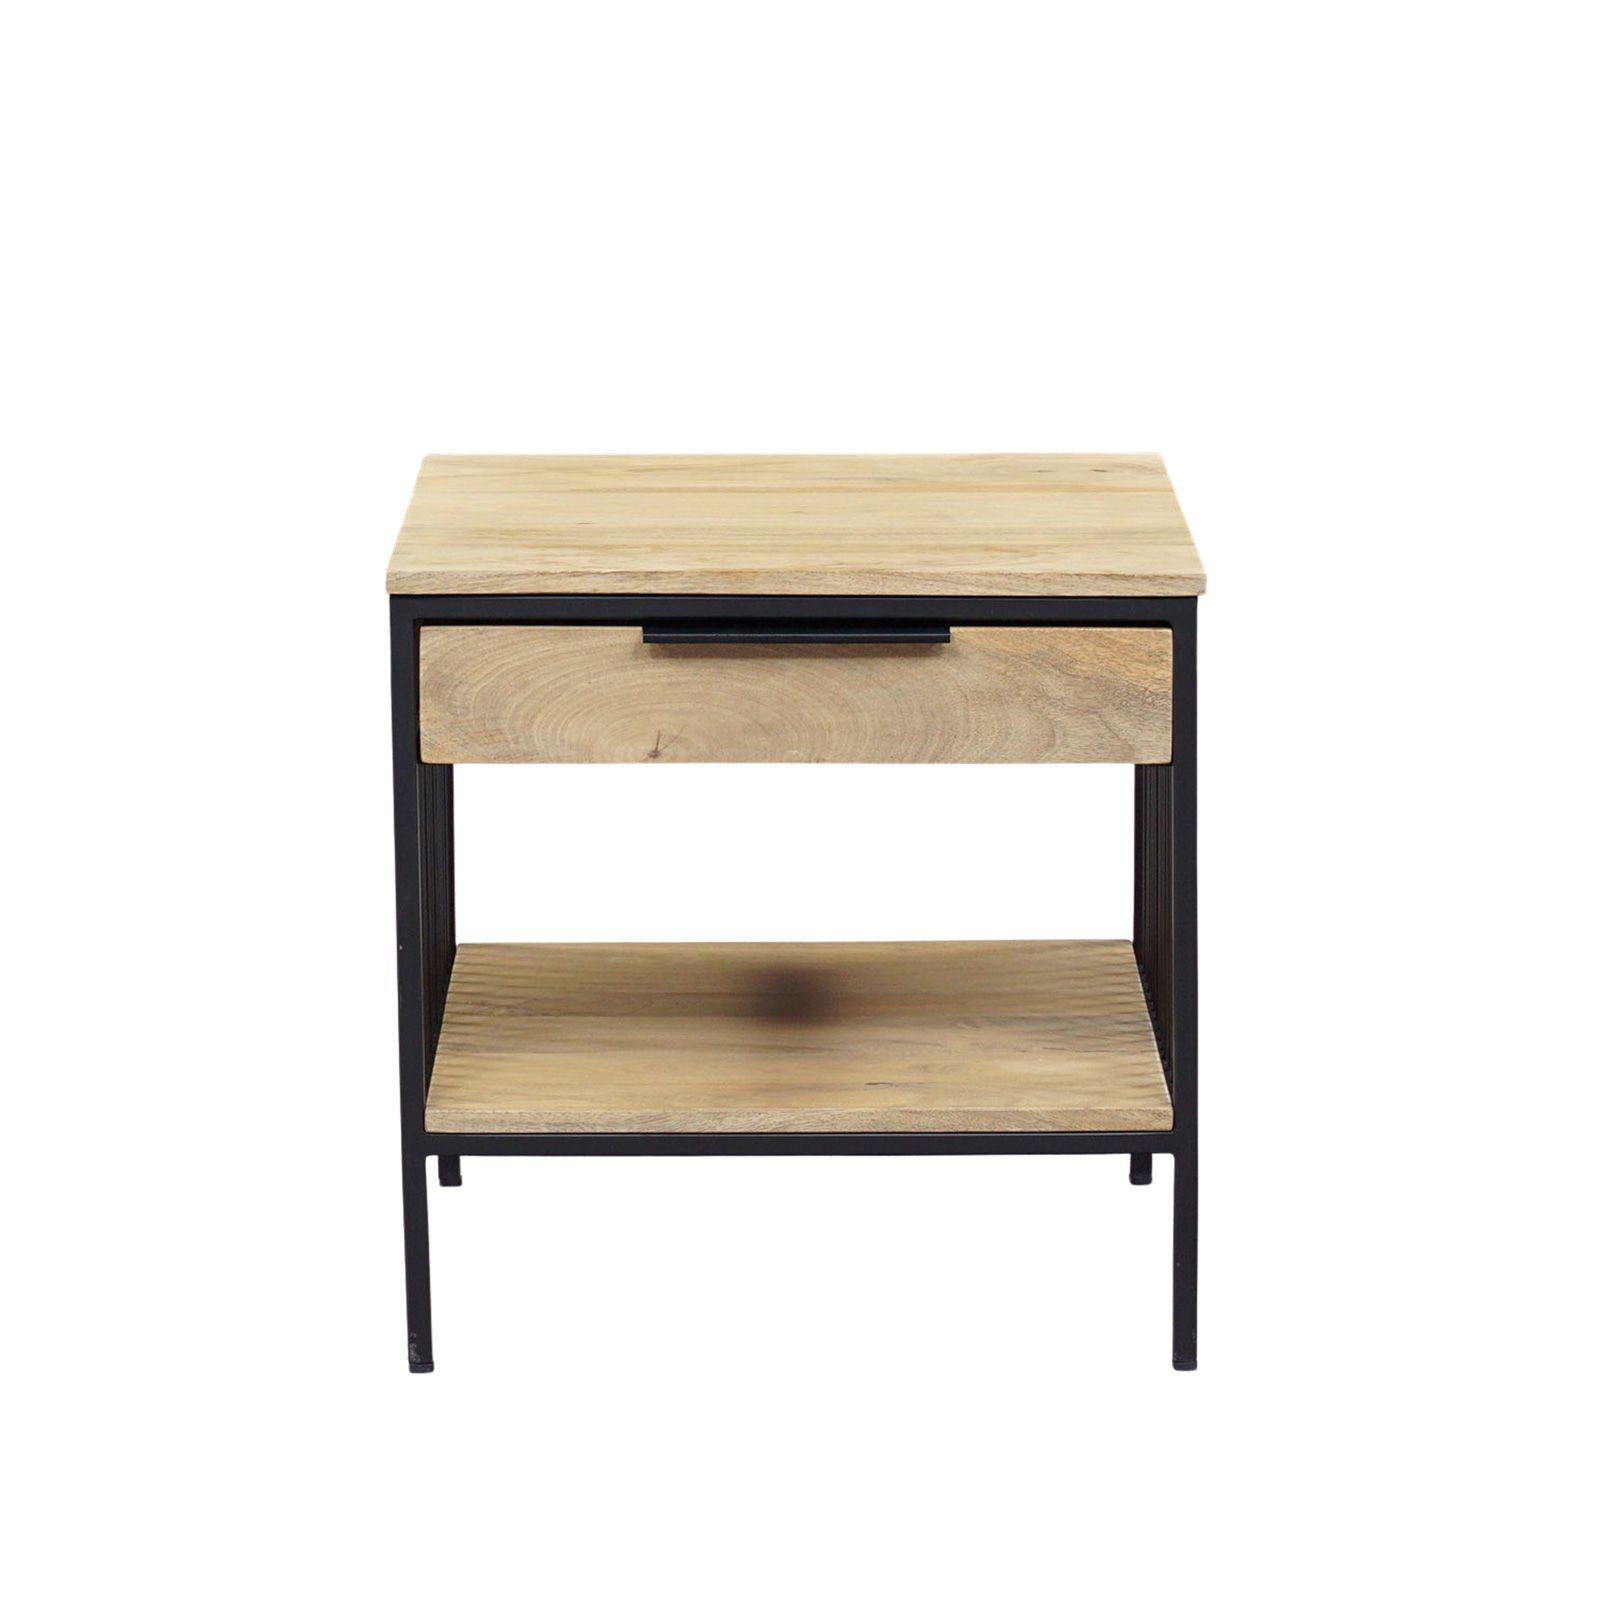 Chevet design industriel bois nature